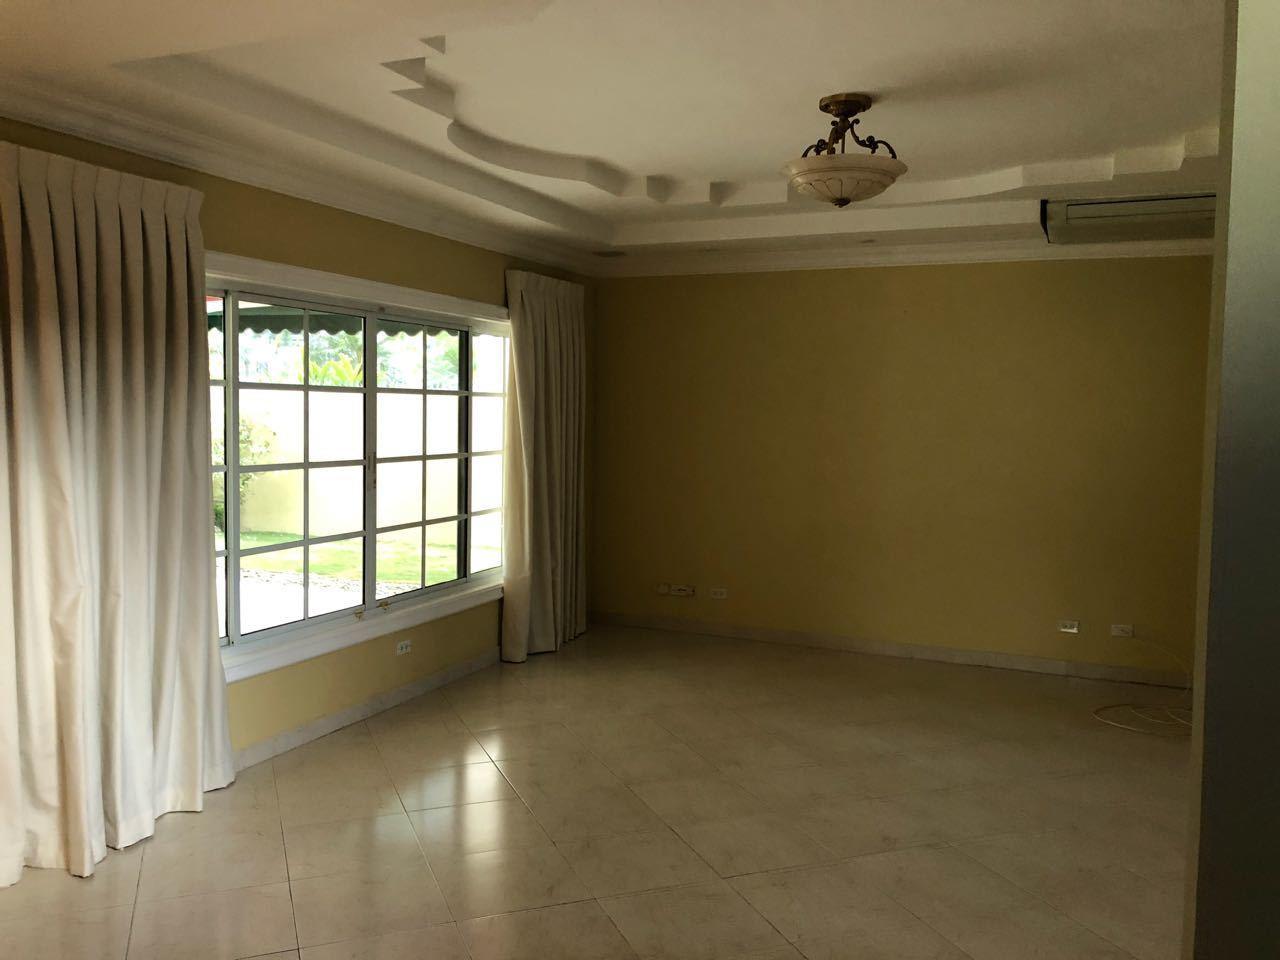 Casa En Alquiler En Panama En Costa del Este - Código: 19-5901